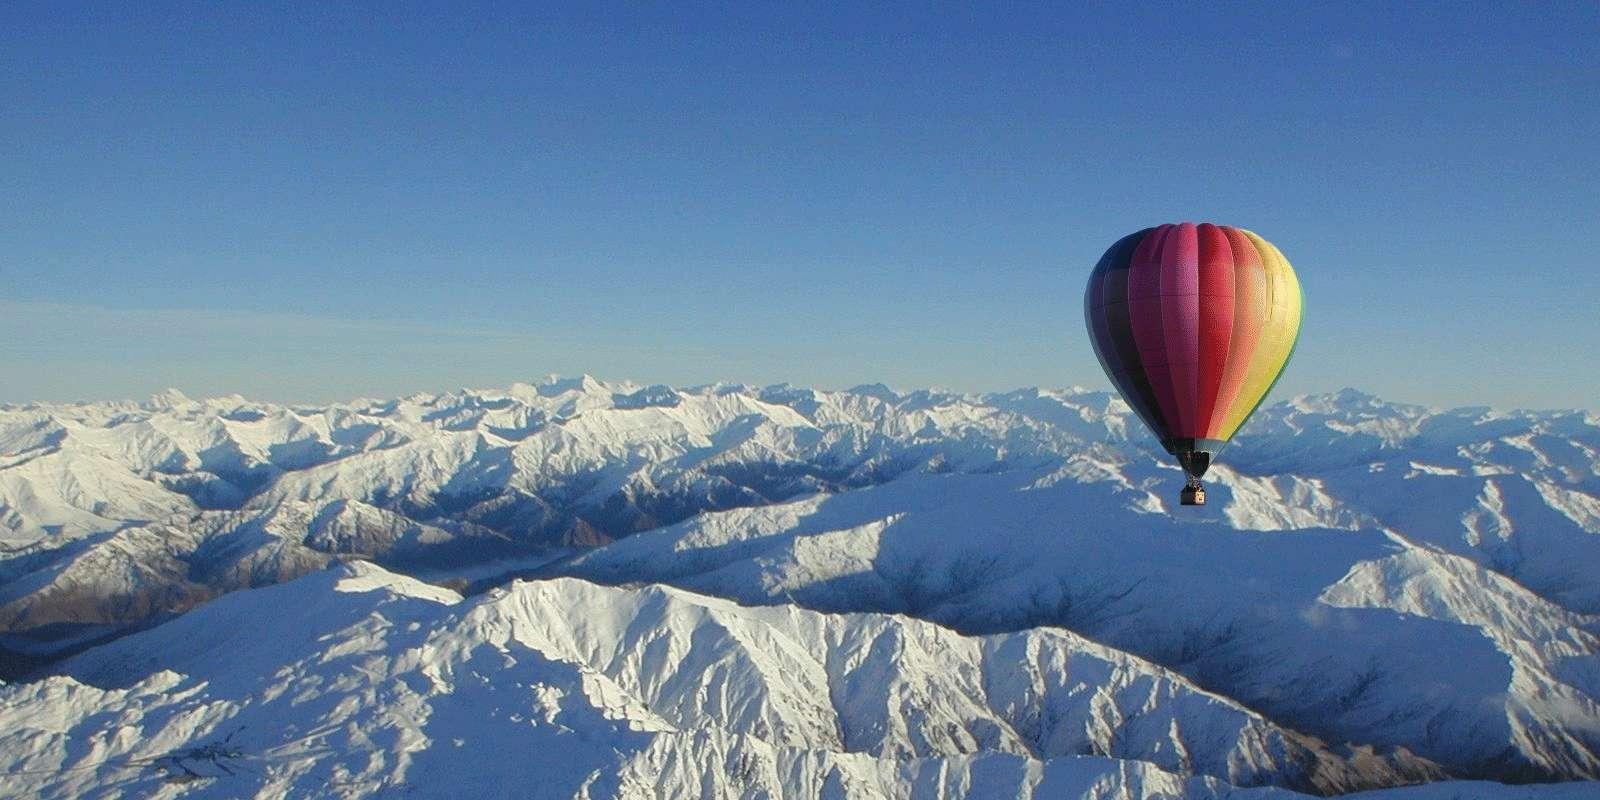 Scenic Hot Air Balloon Flight